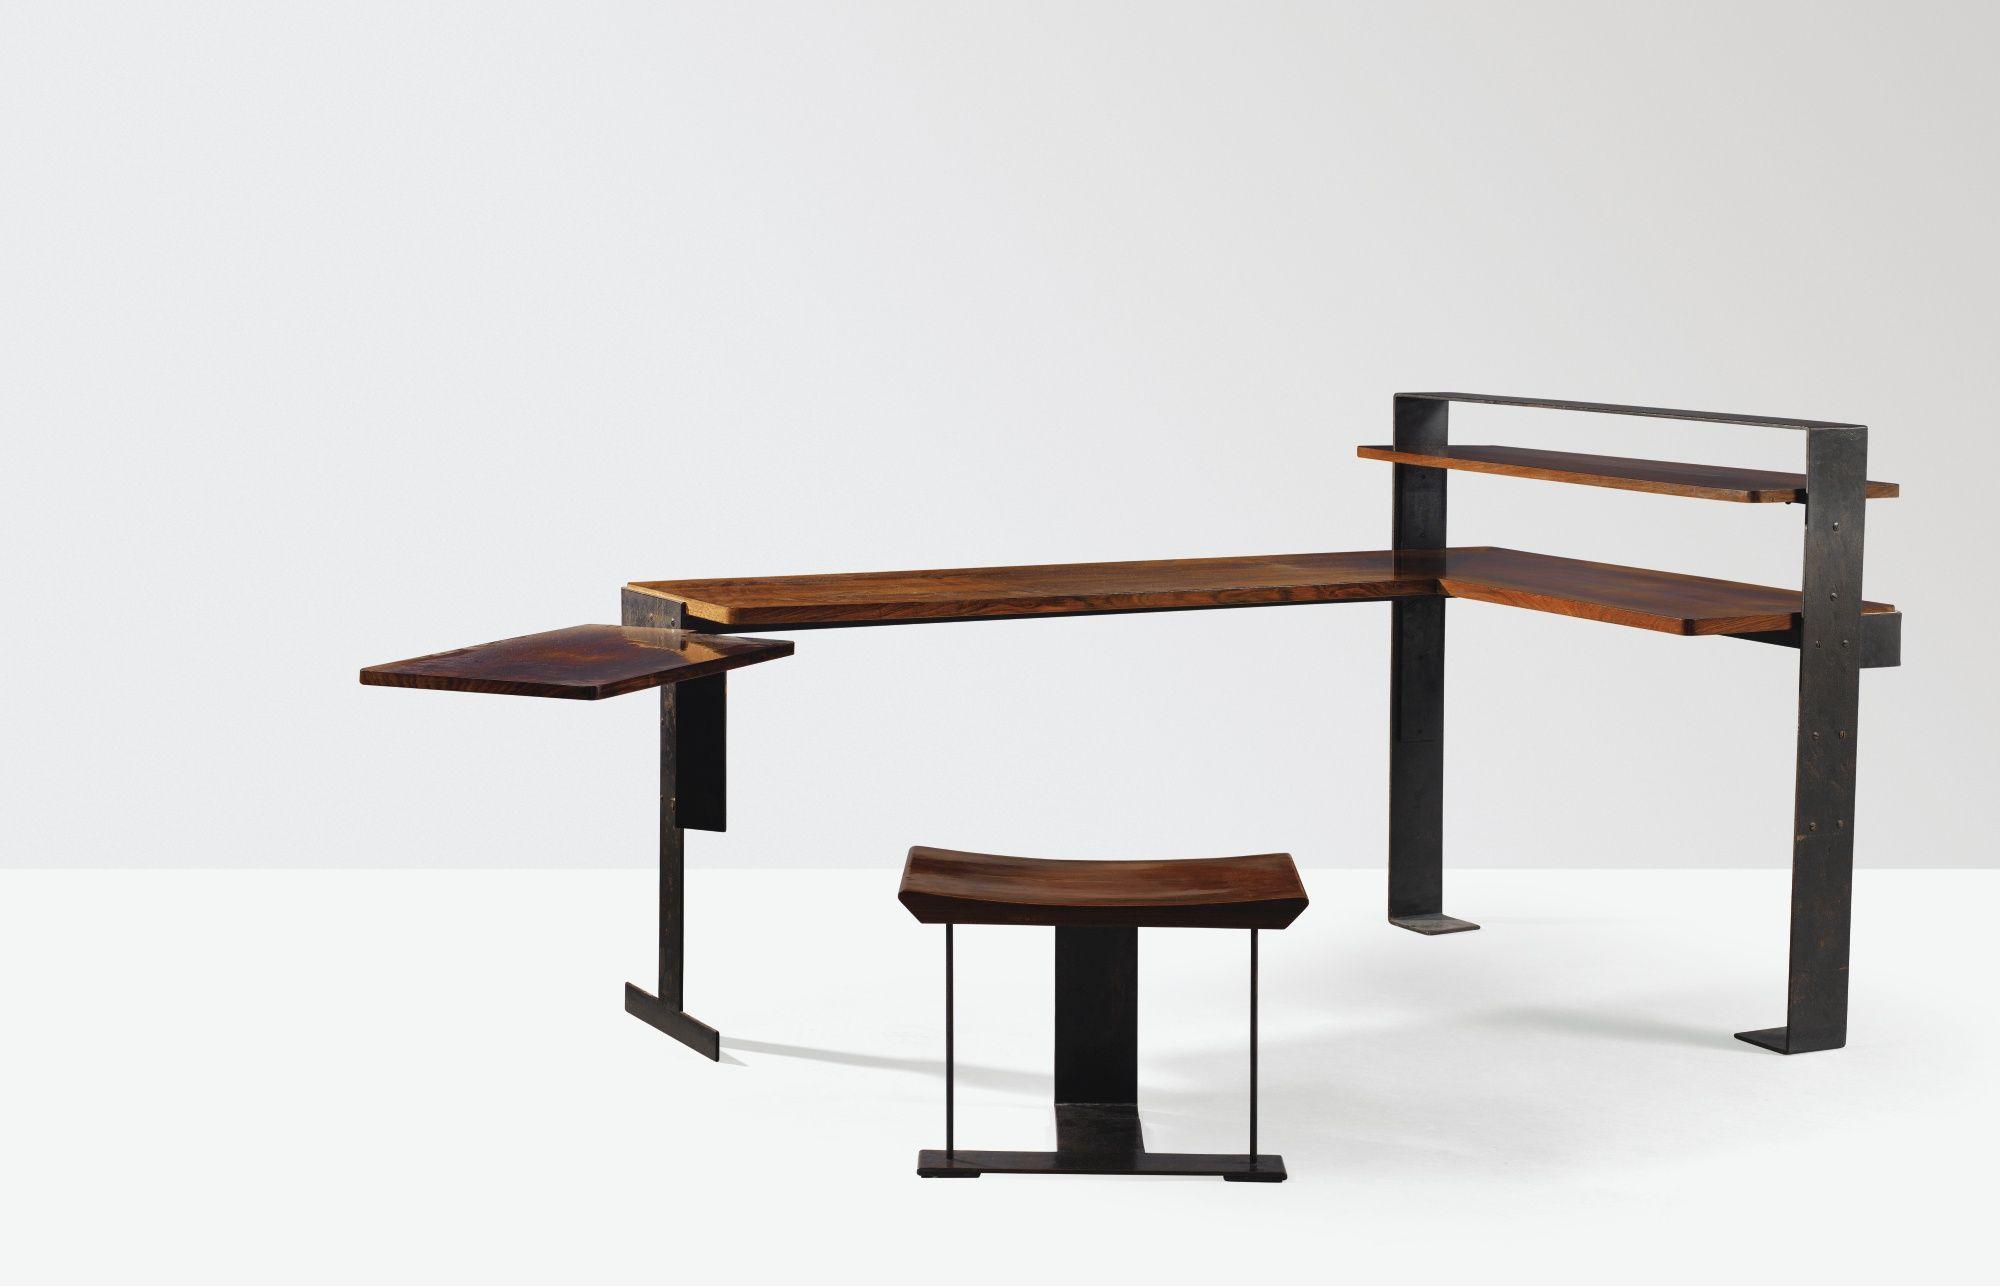 0a842997a206174e7b09e7efd126a3fe Incroyable De Table Basse Le Corbusier Concept